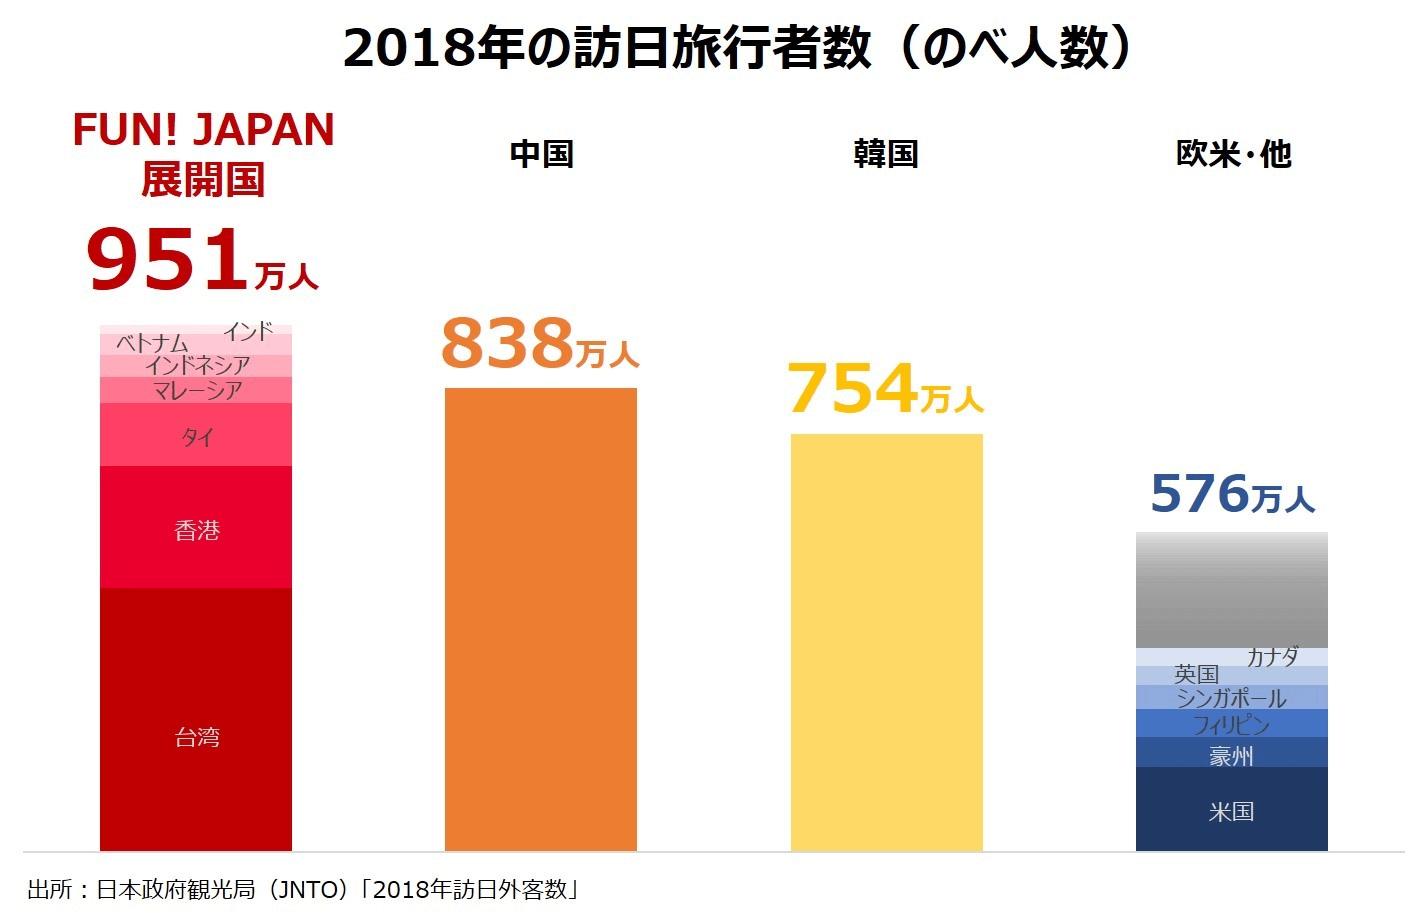 2018年の訪日旅行者数